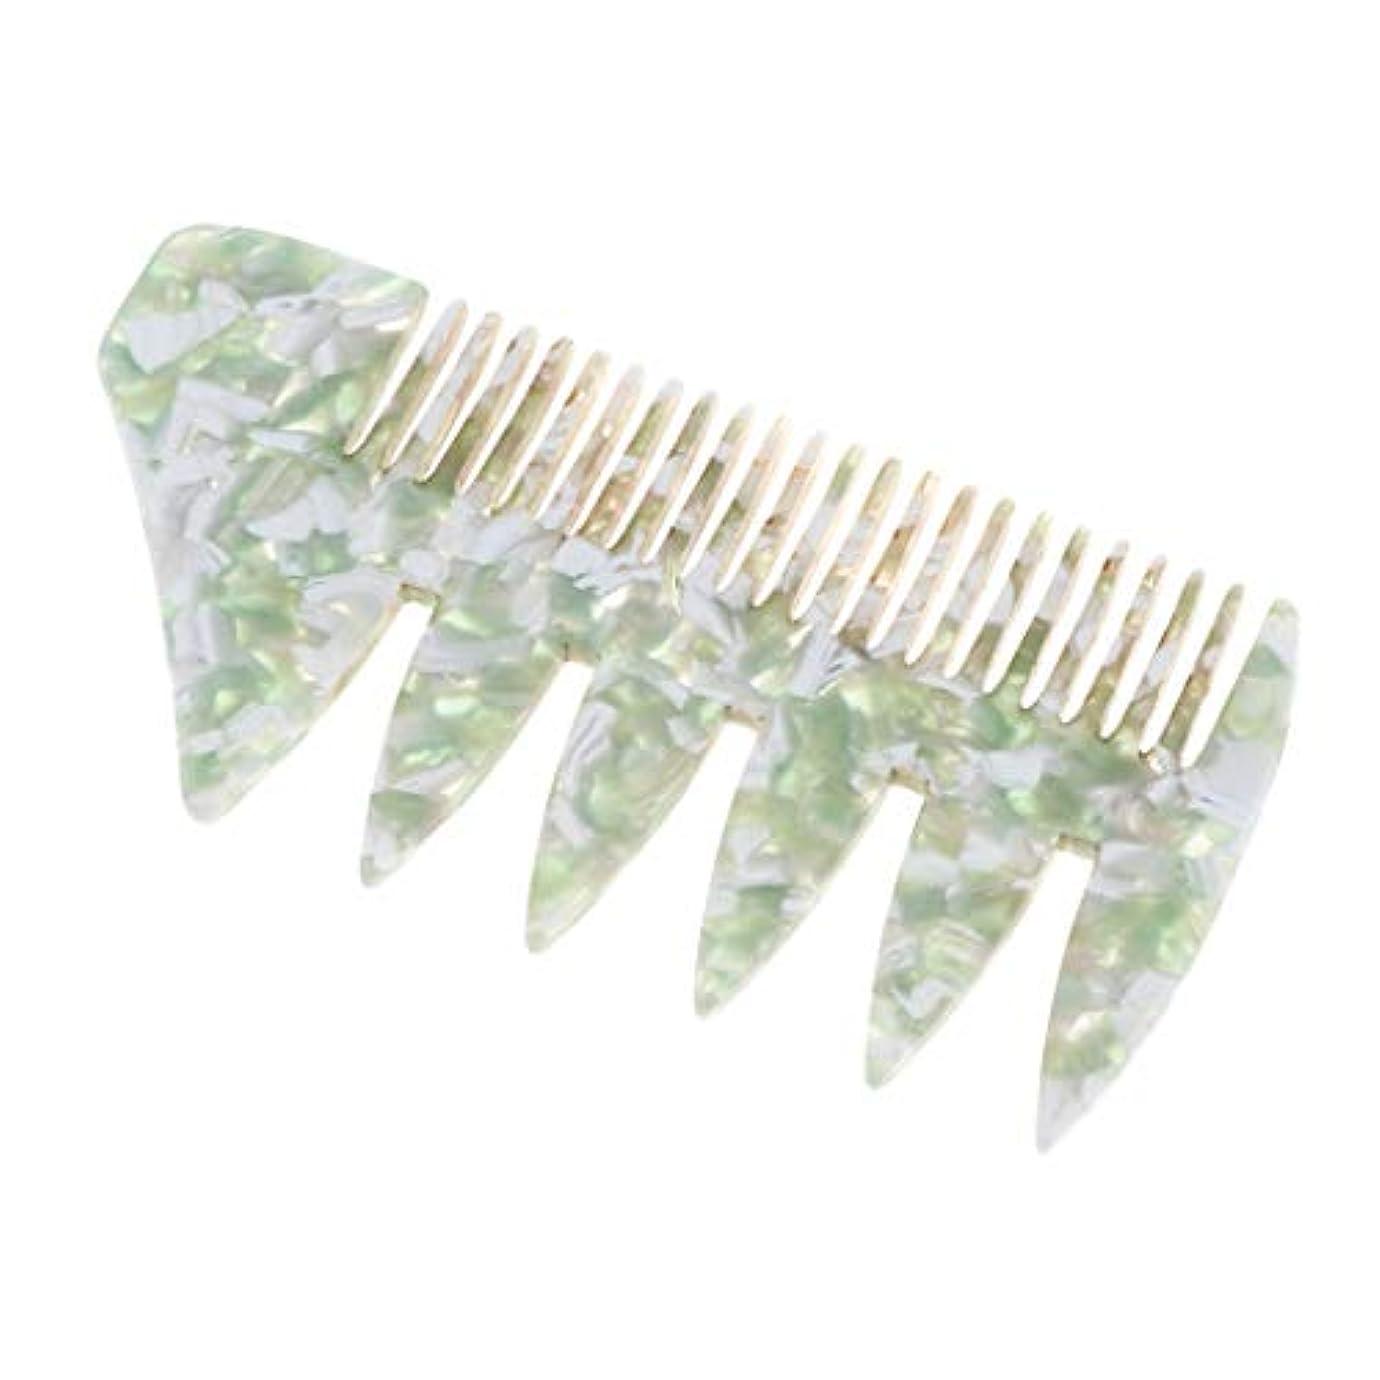 ジャーナルクリックマージンSM SunniMix プラスチック 広い歯 ヘアスタイリング櫛 くし 全4色 - 緑